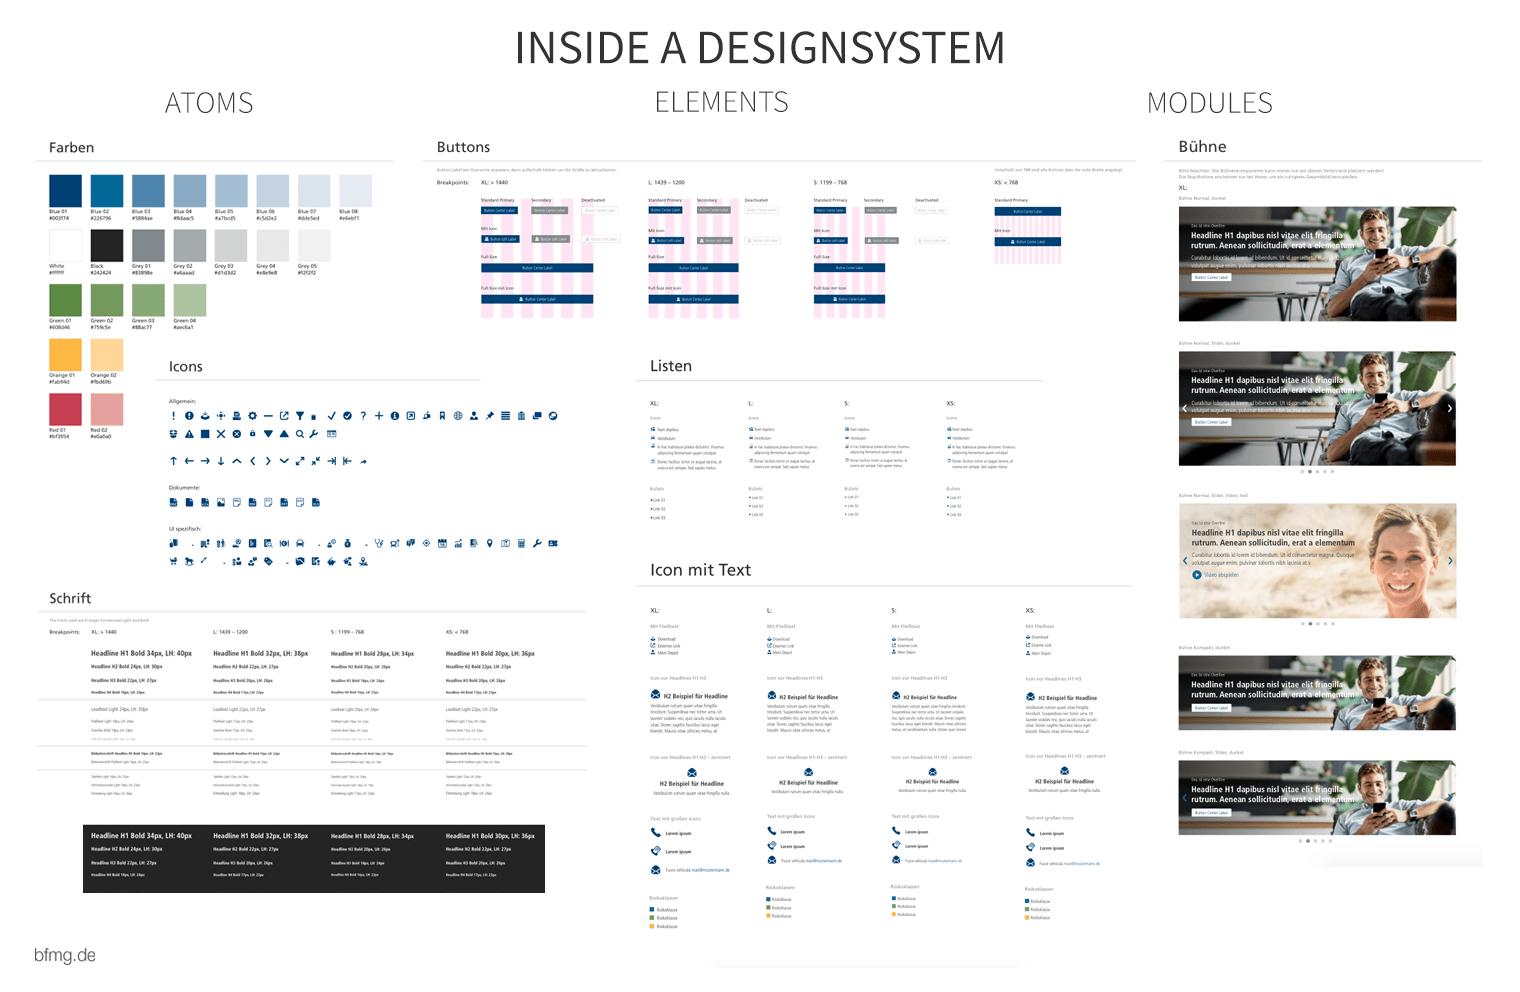 Design system excerpt